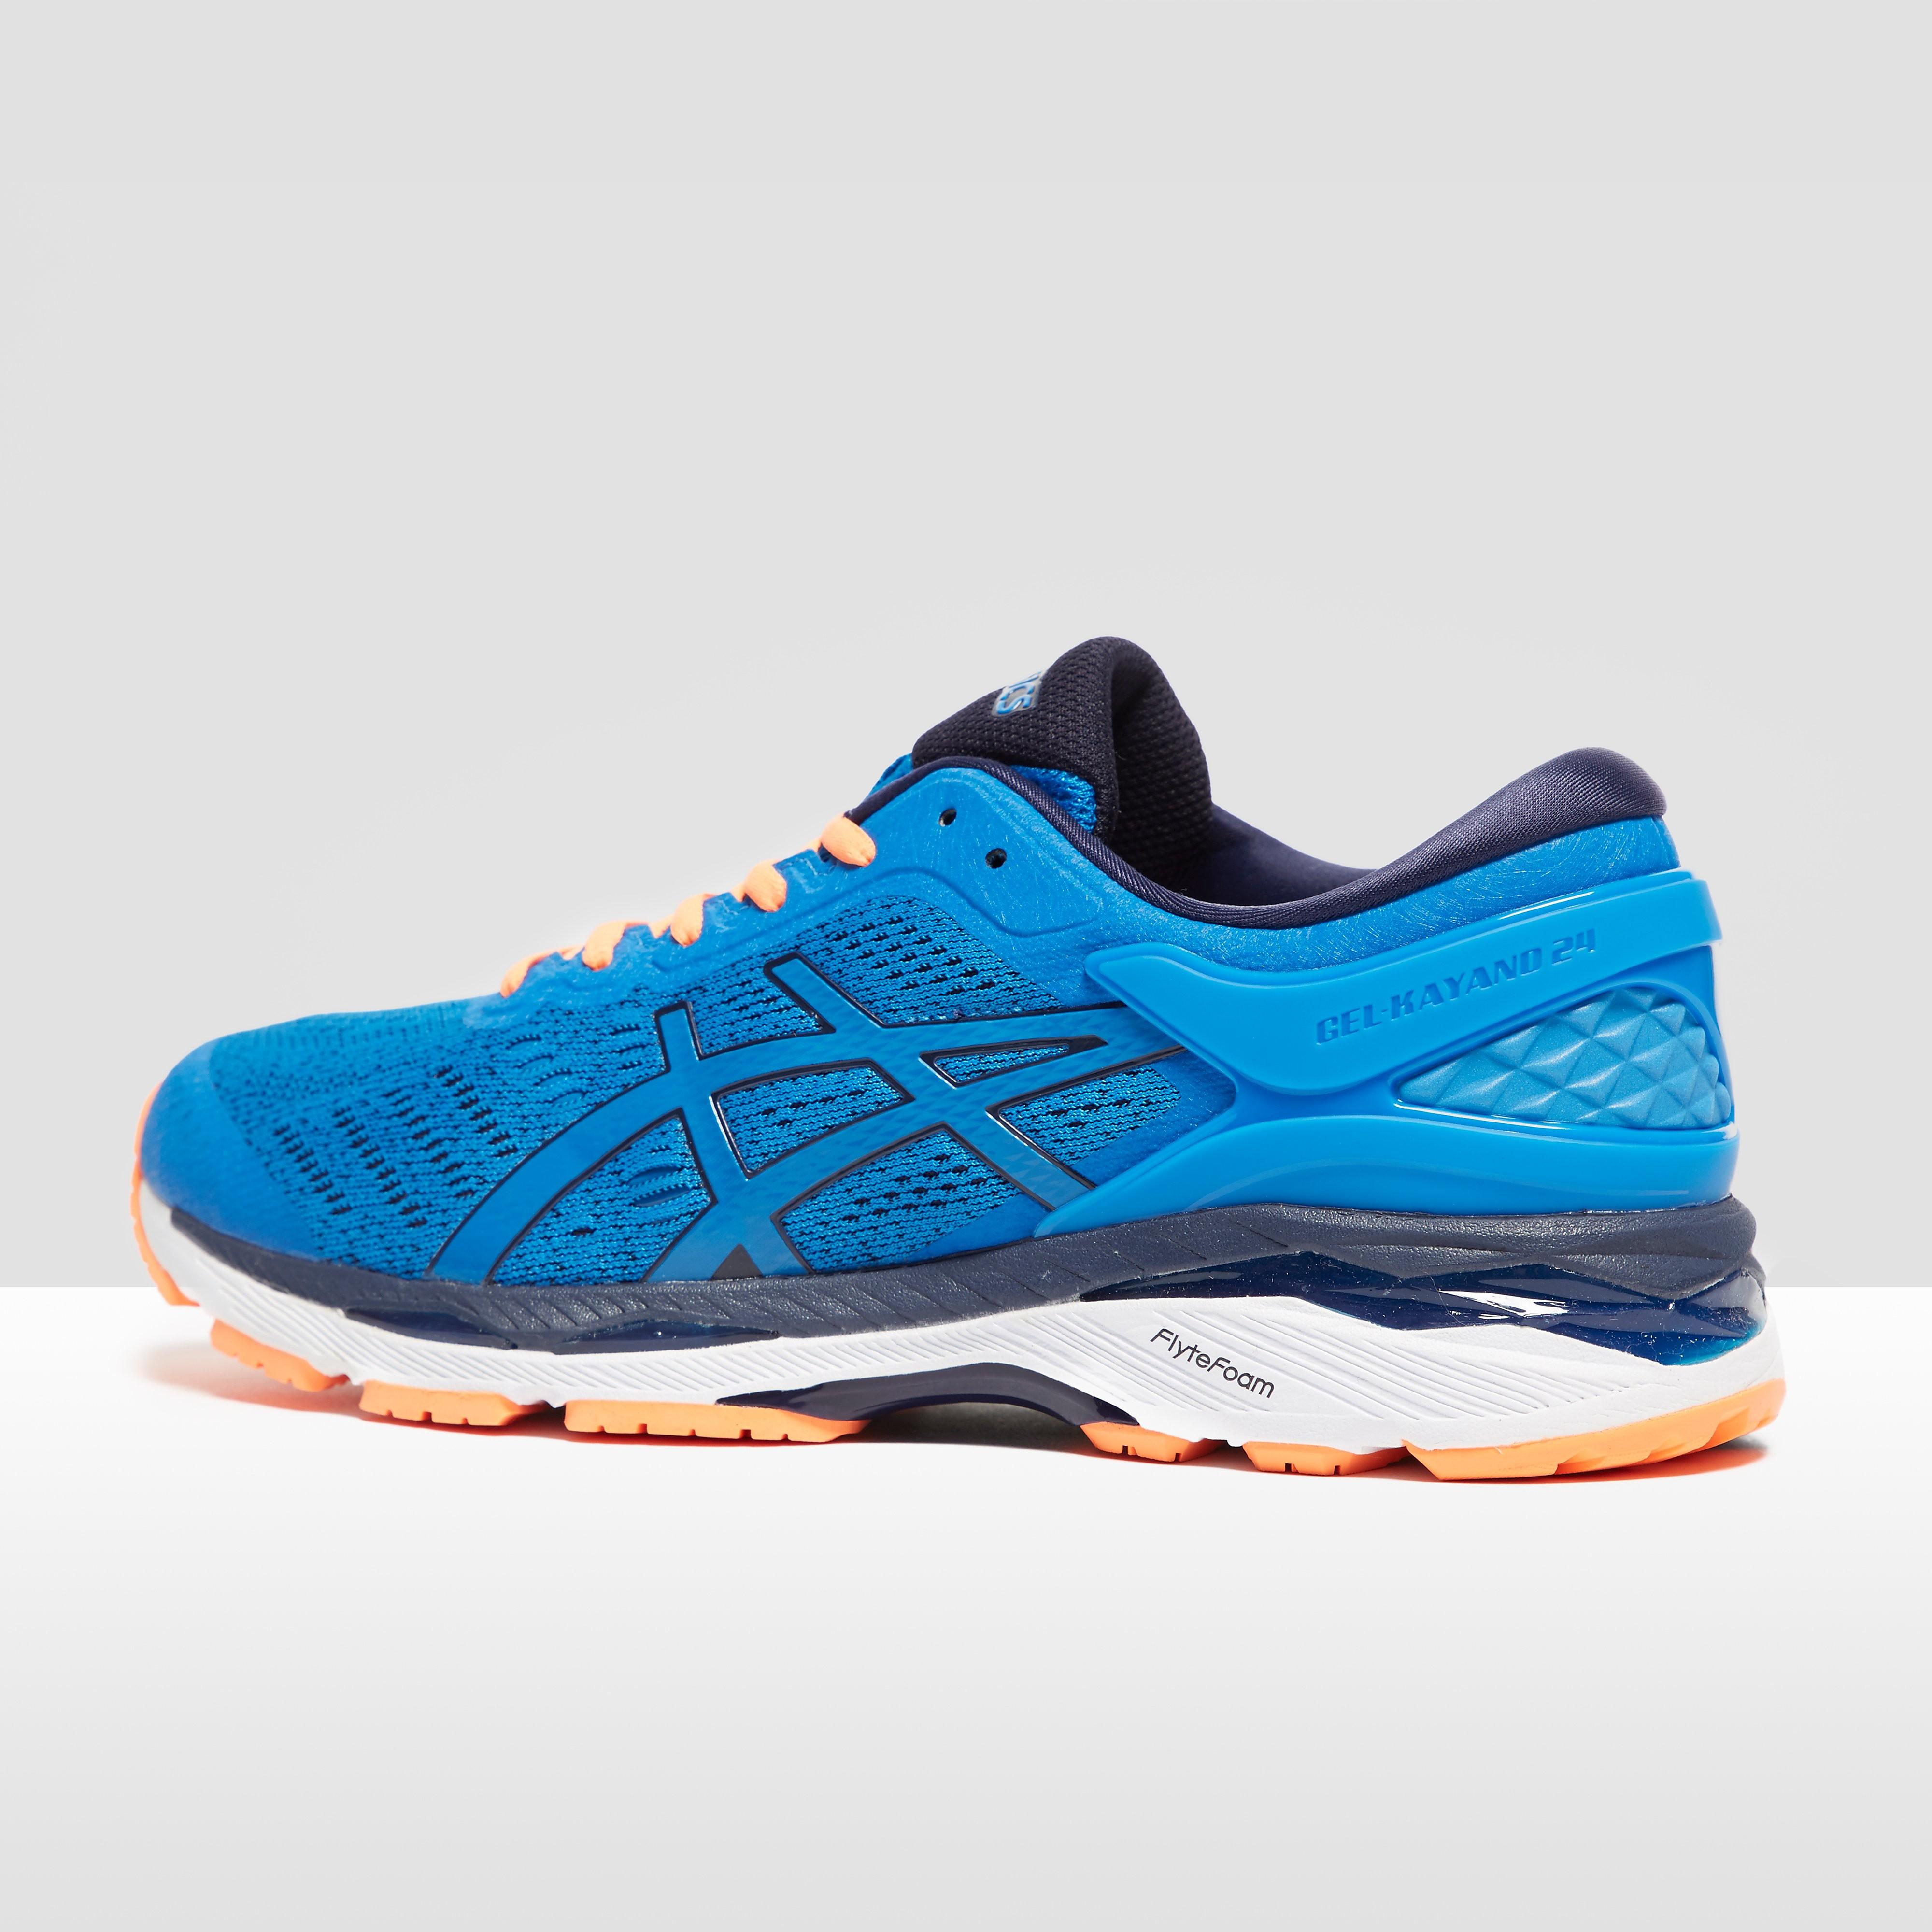 ASICS GEL-Kayano 24 Men's Running Shoes